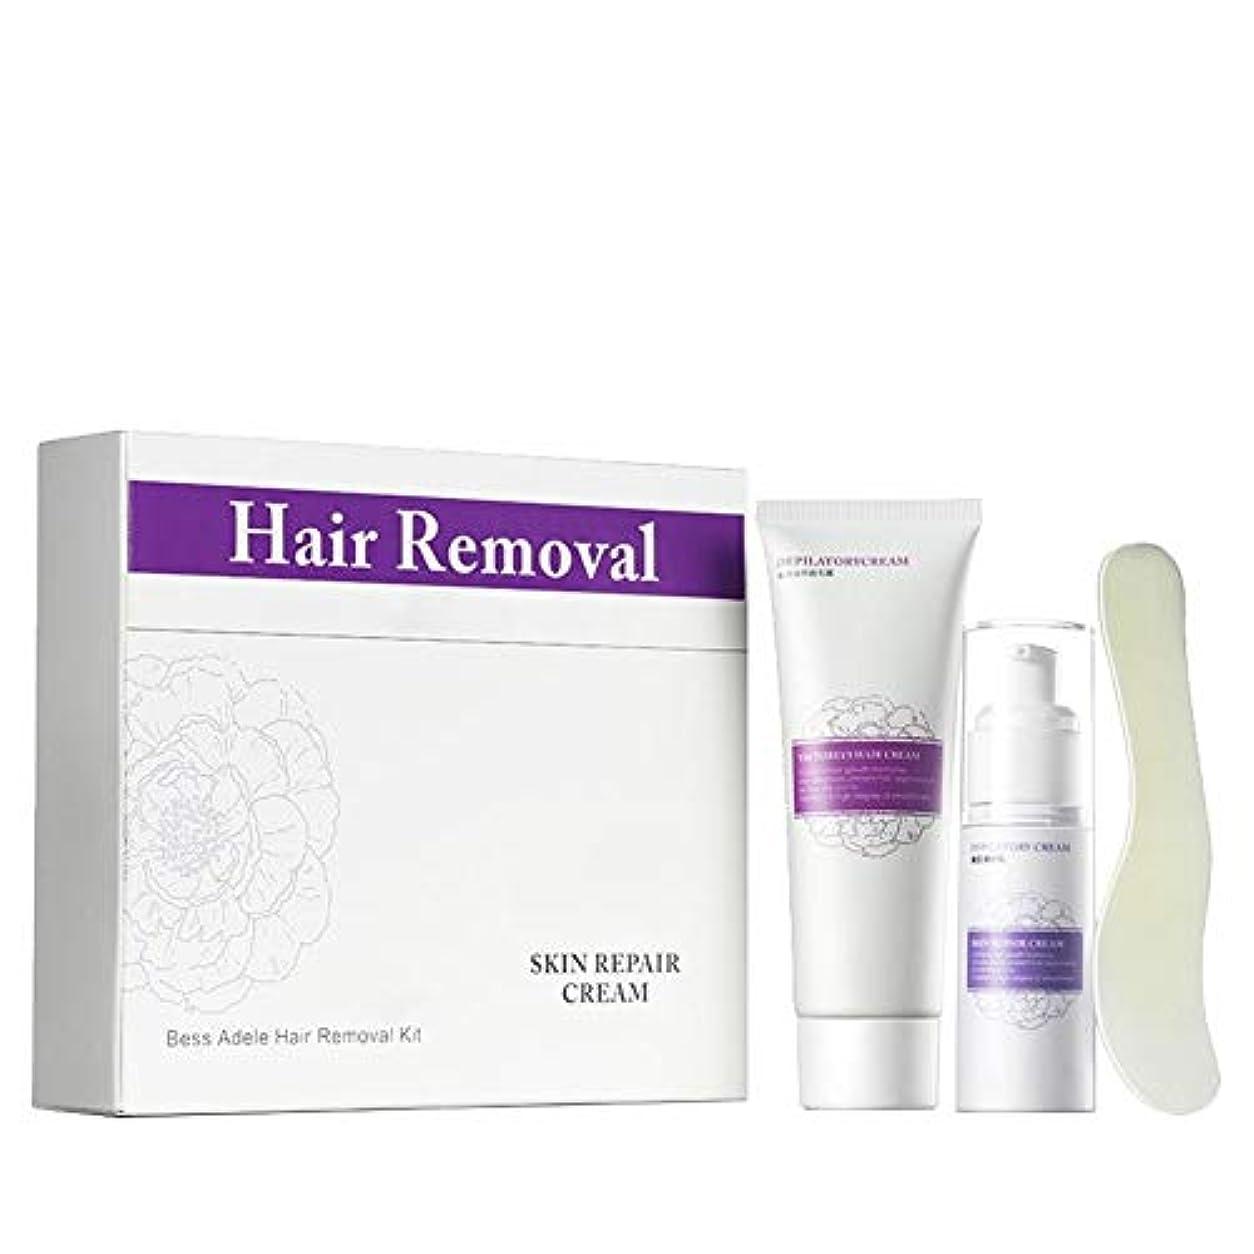 キリスト教夕食を作る好ましい除毛クリーム 修復用ミルクスクレーパー優しい脱毛は肌を傷つけません、ファースト&シンプル、肌の潤いを和らげ、保ちます